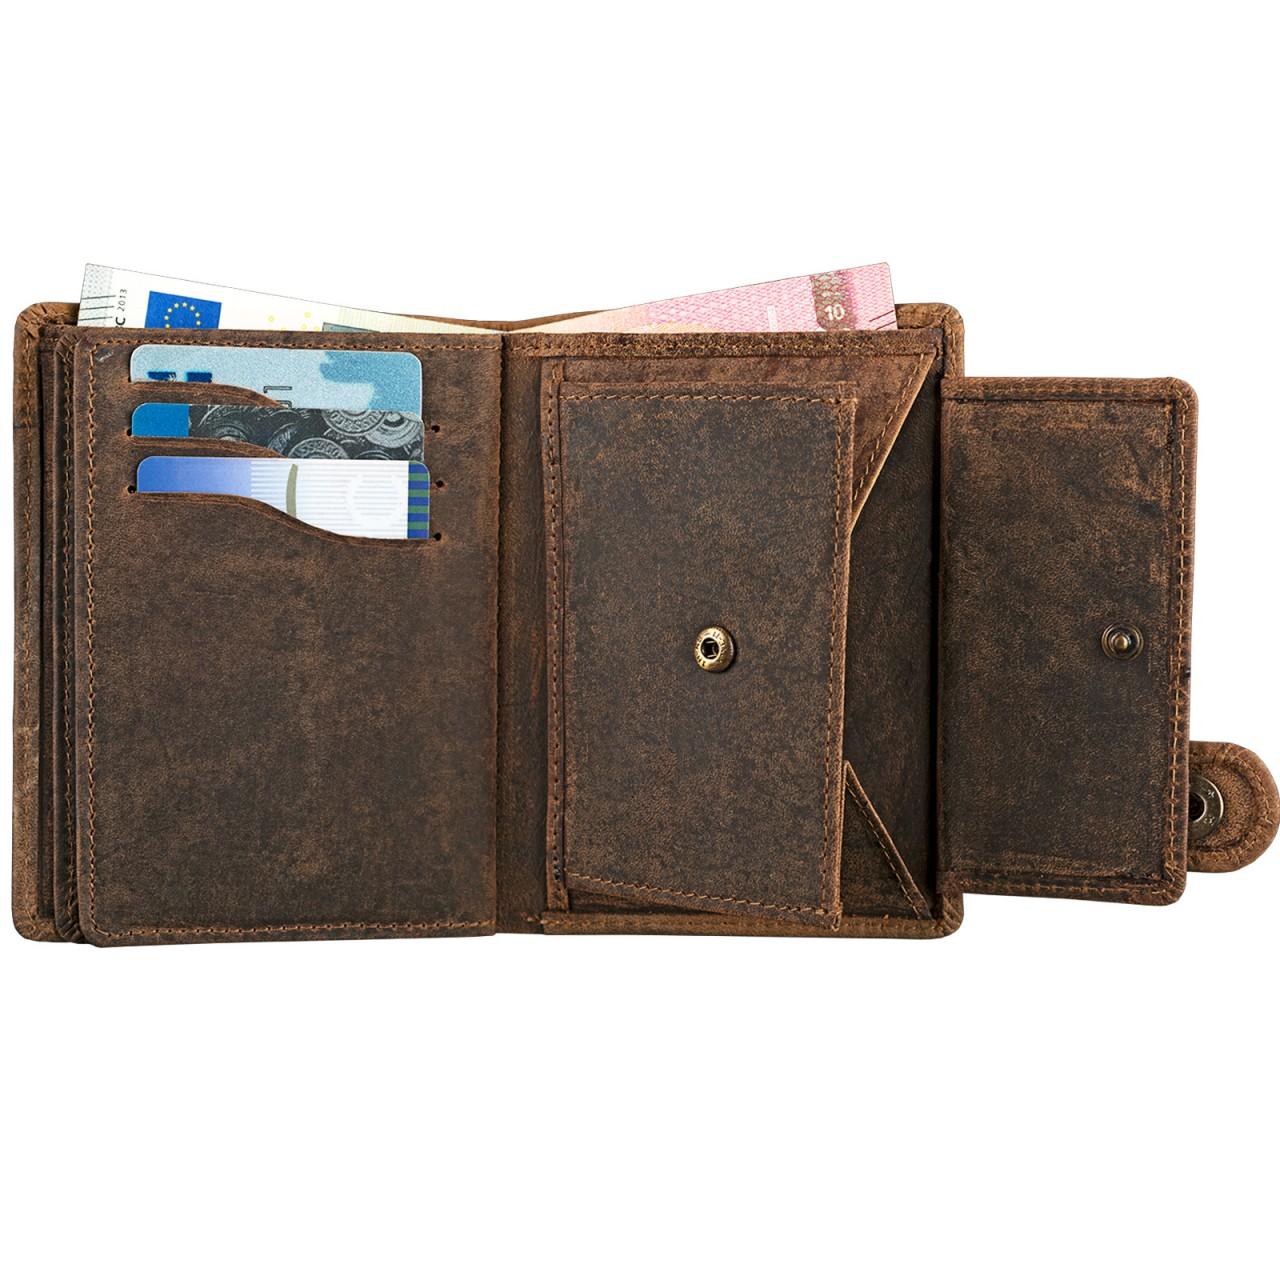 """STILORD """"Milo"""" Vintage Ledergeldbörse Herren / Portemonnaie mit Druckknopf / Brieftasche / Geldbörse Hochformat Antik Leder - Bild 14"""